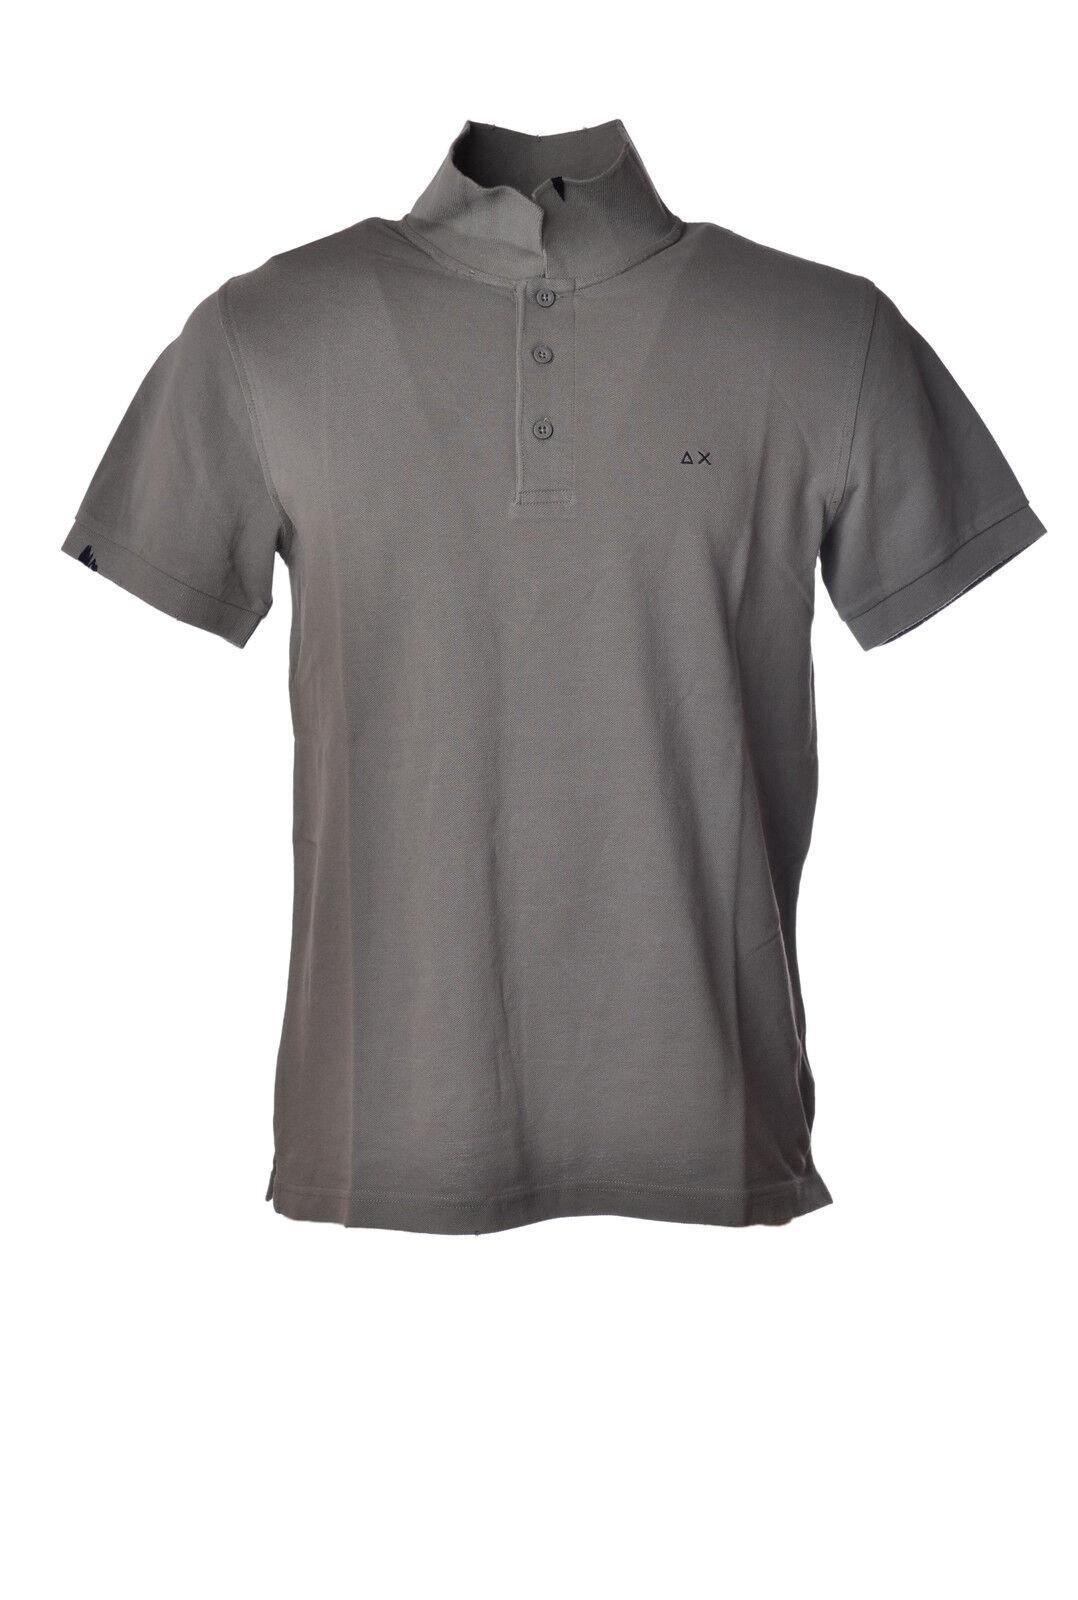 Sun 68 - Topwear Polo - Mann - Grau - 3192315G184143